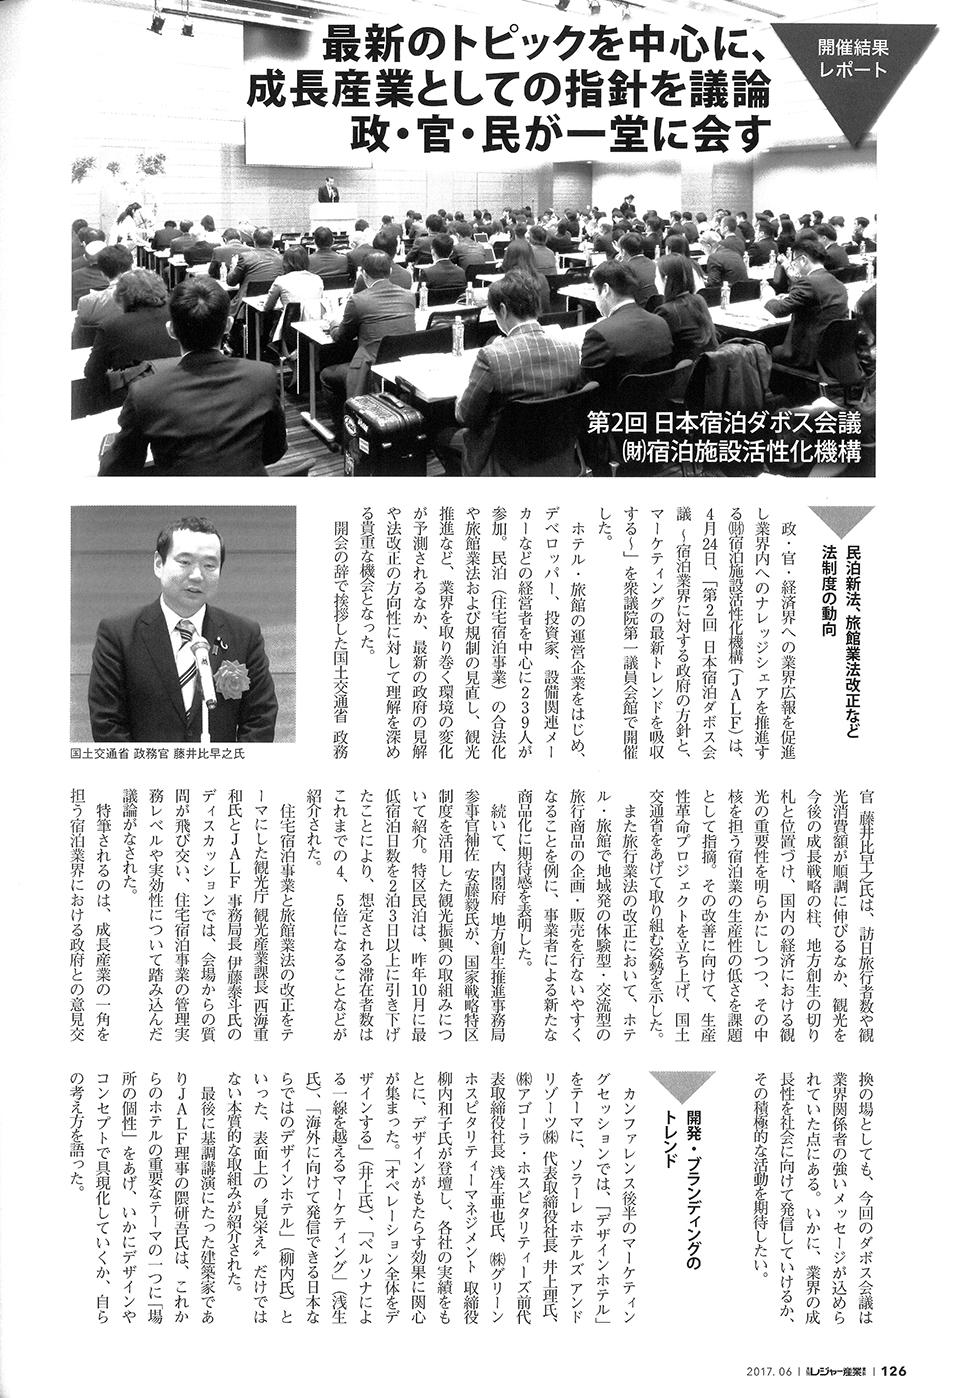 綜合ユニコム 「月刊レジャー産業資料」2017年6月号